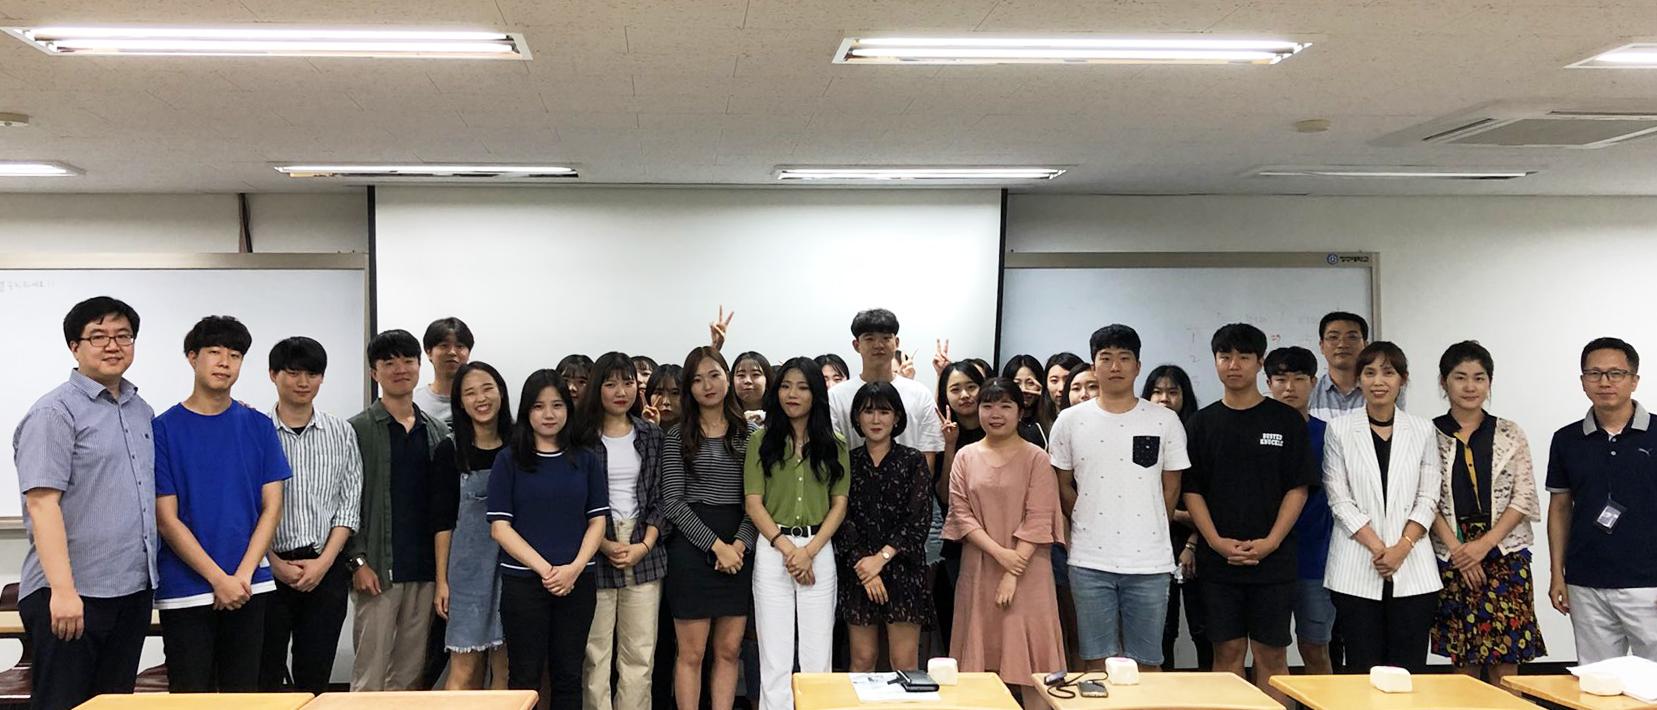 2018년 4학생들 단체사진.jpg